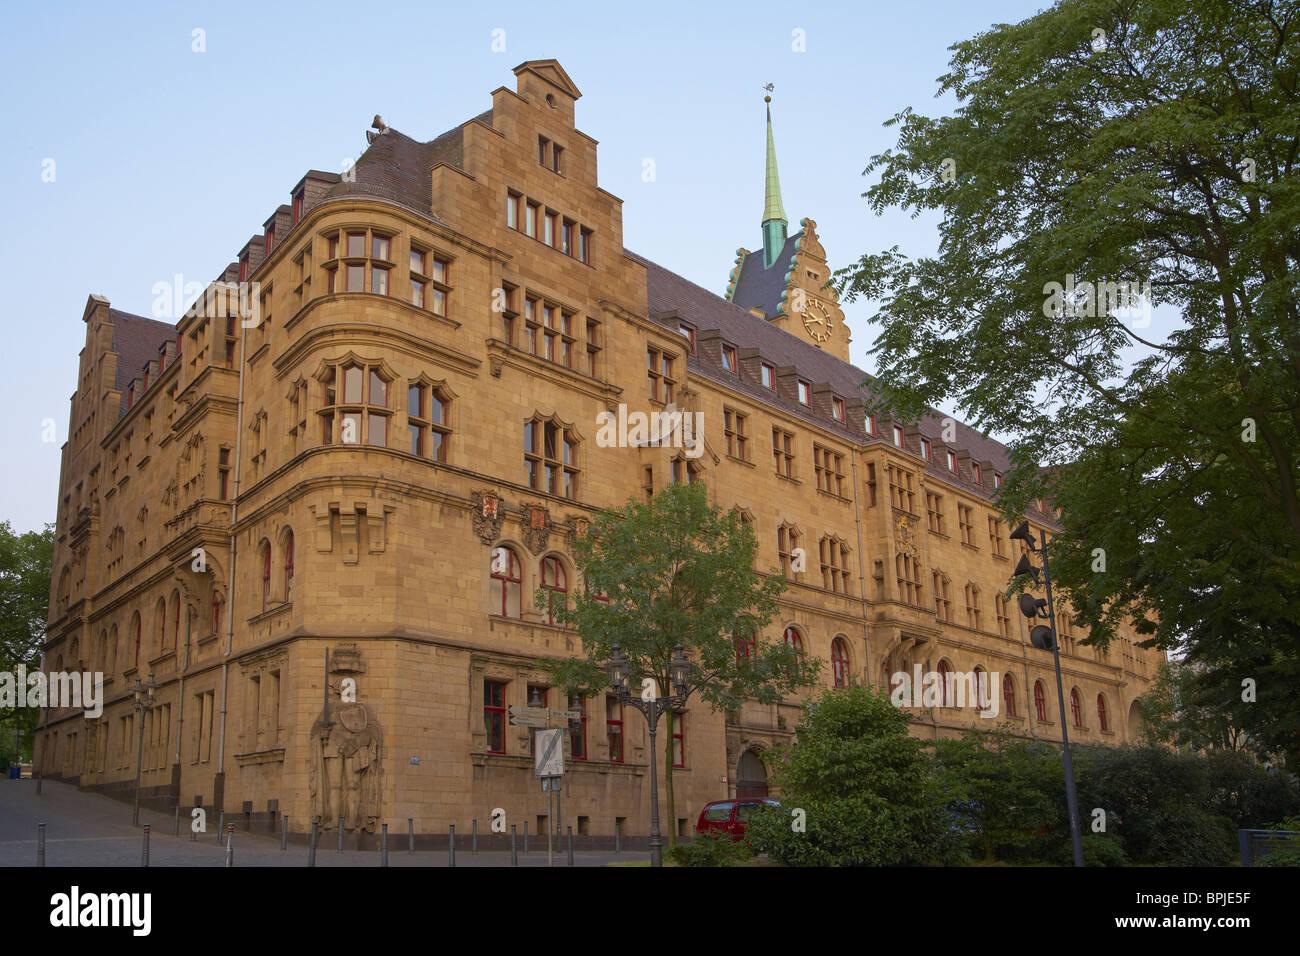 Architekt Duisburg rathaus in duisburg architekt friedrich ratzel 1897 1902